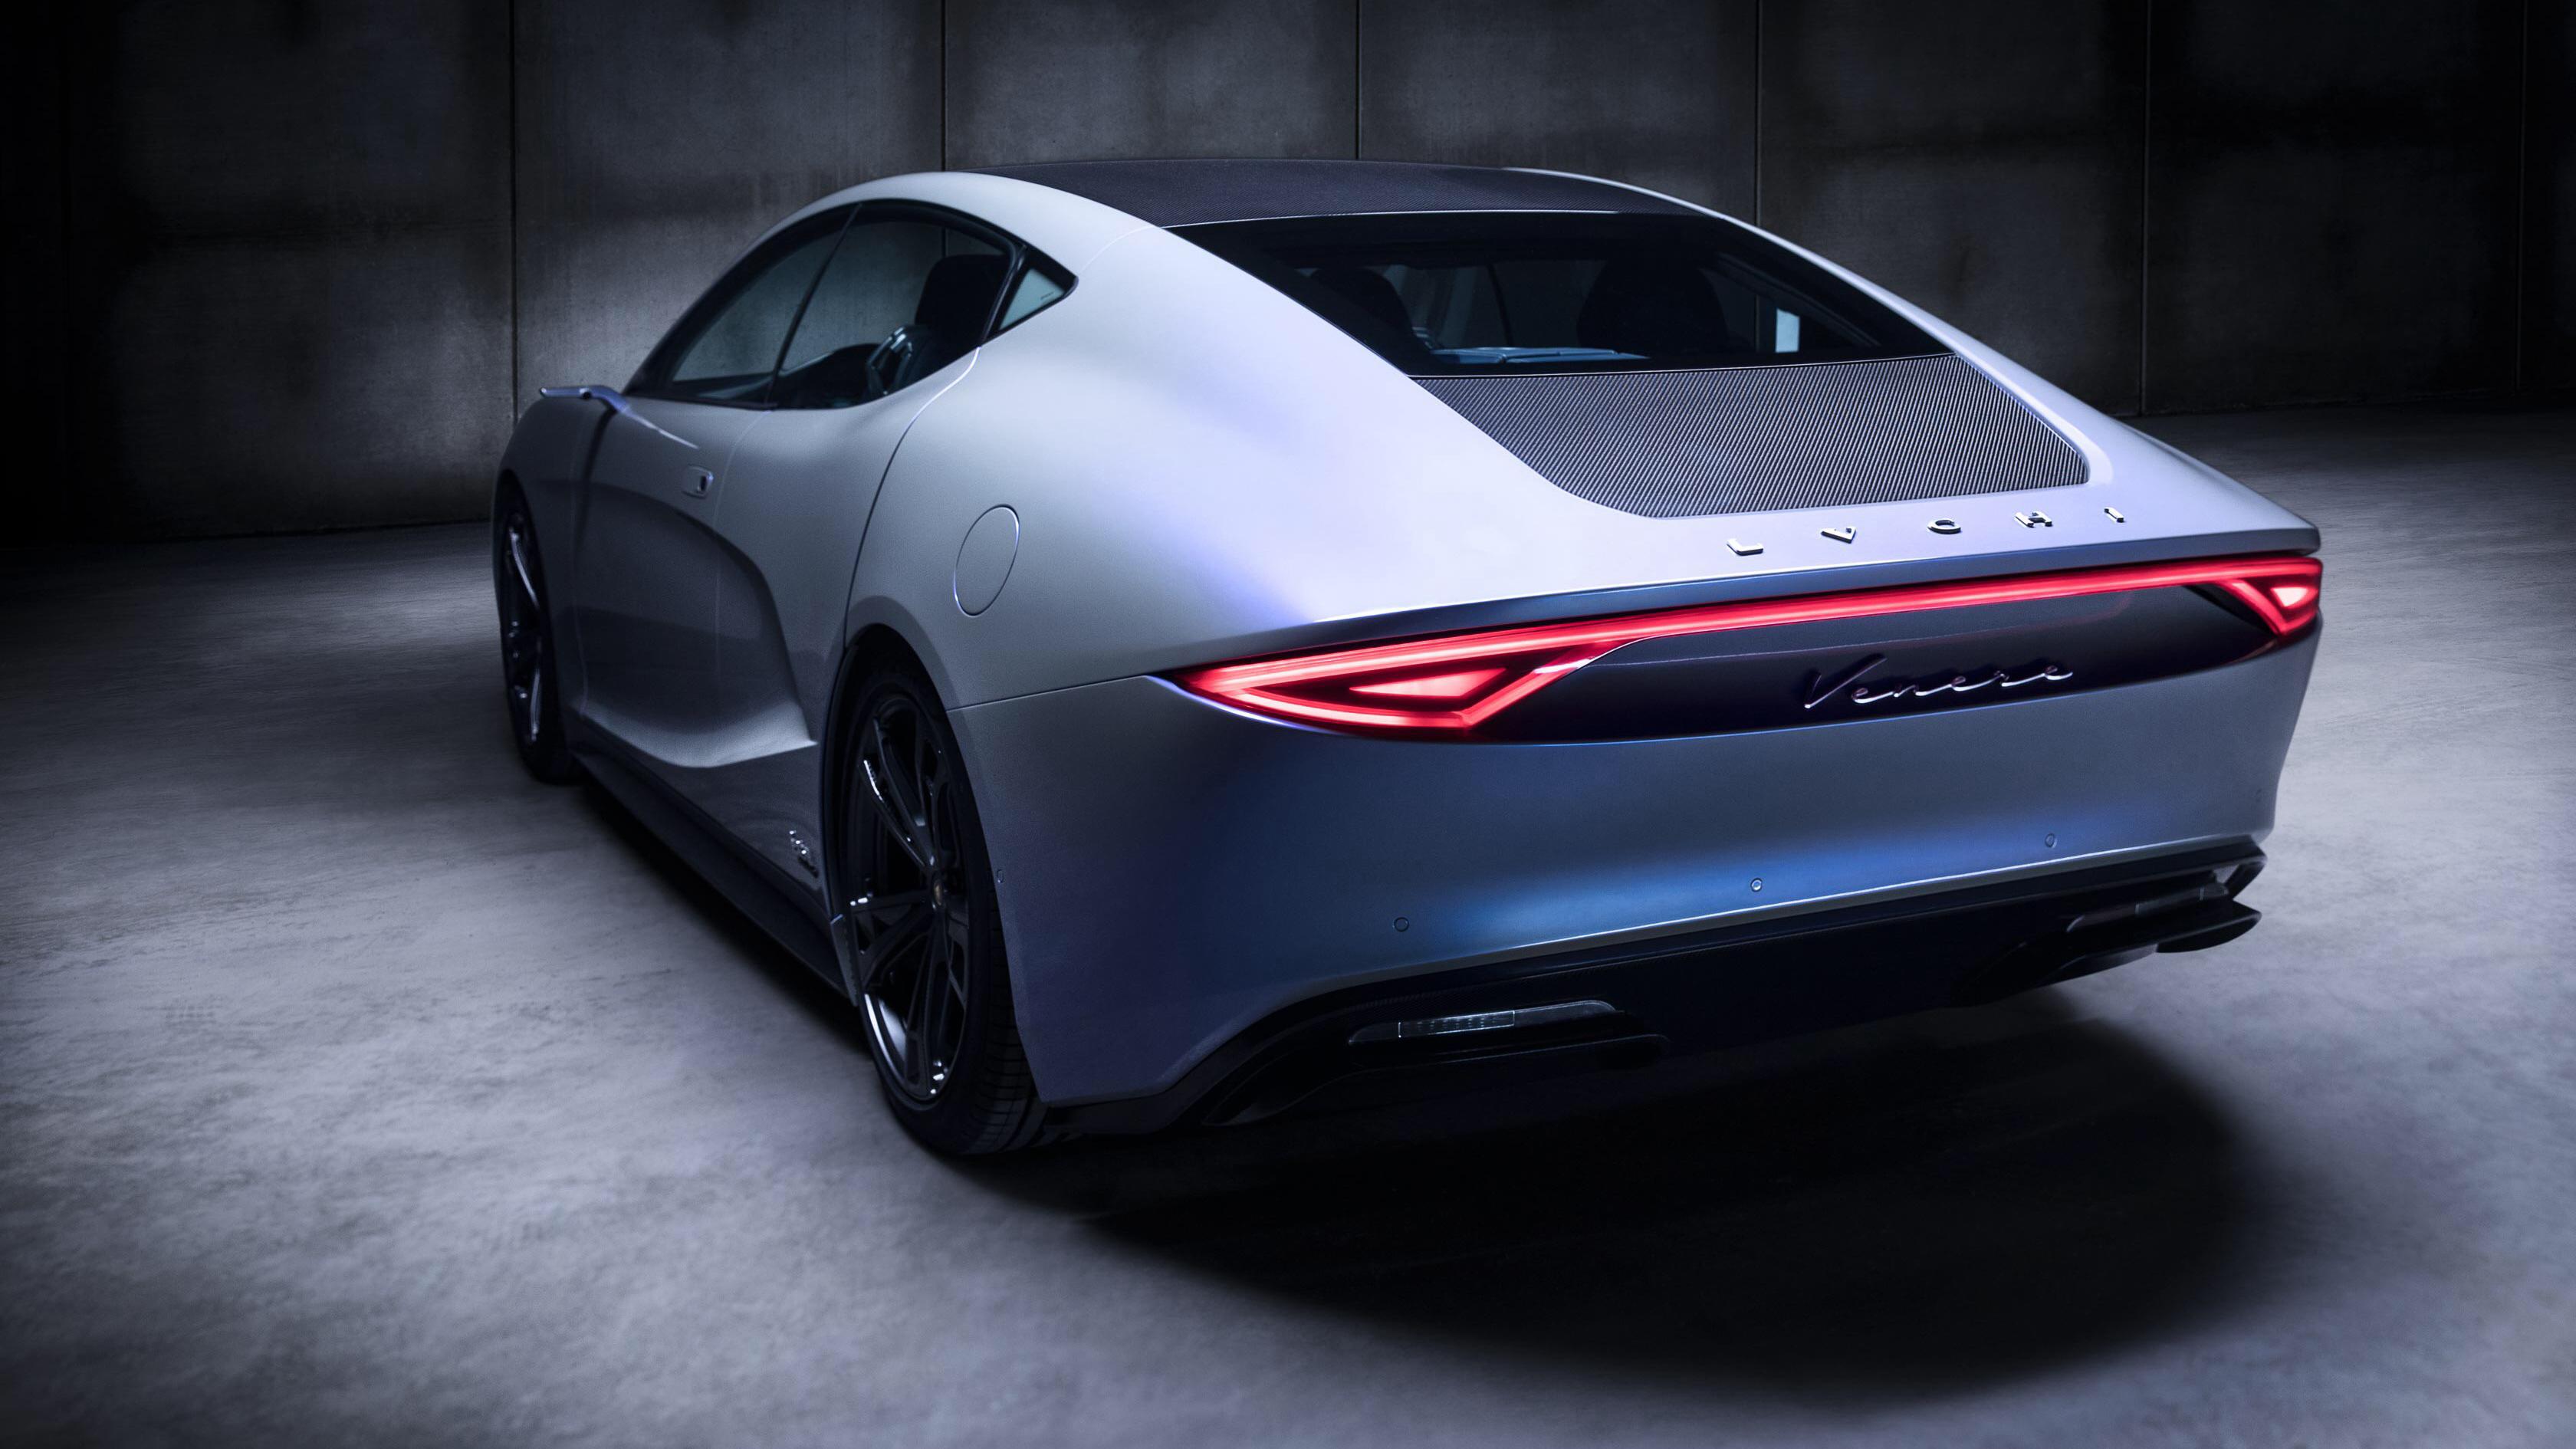 2018 LVCHI Venere Electric Concept Car 2 Wallpaper